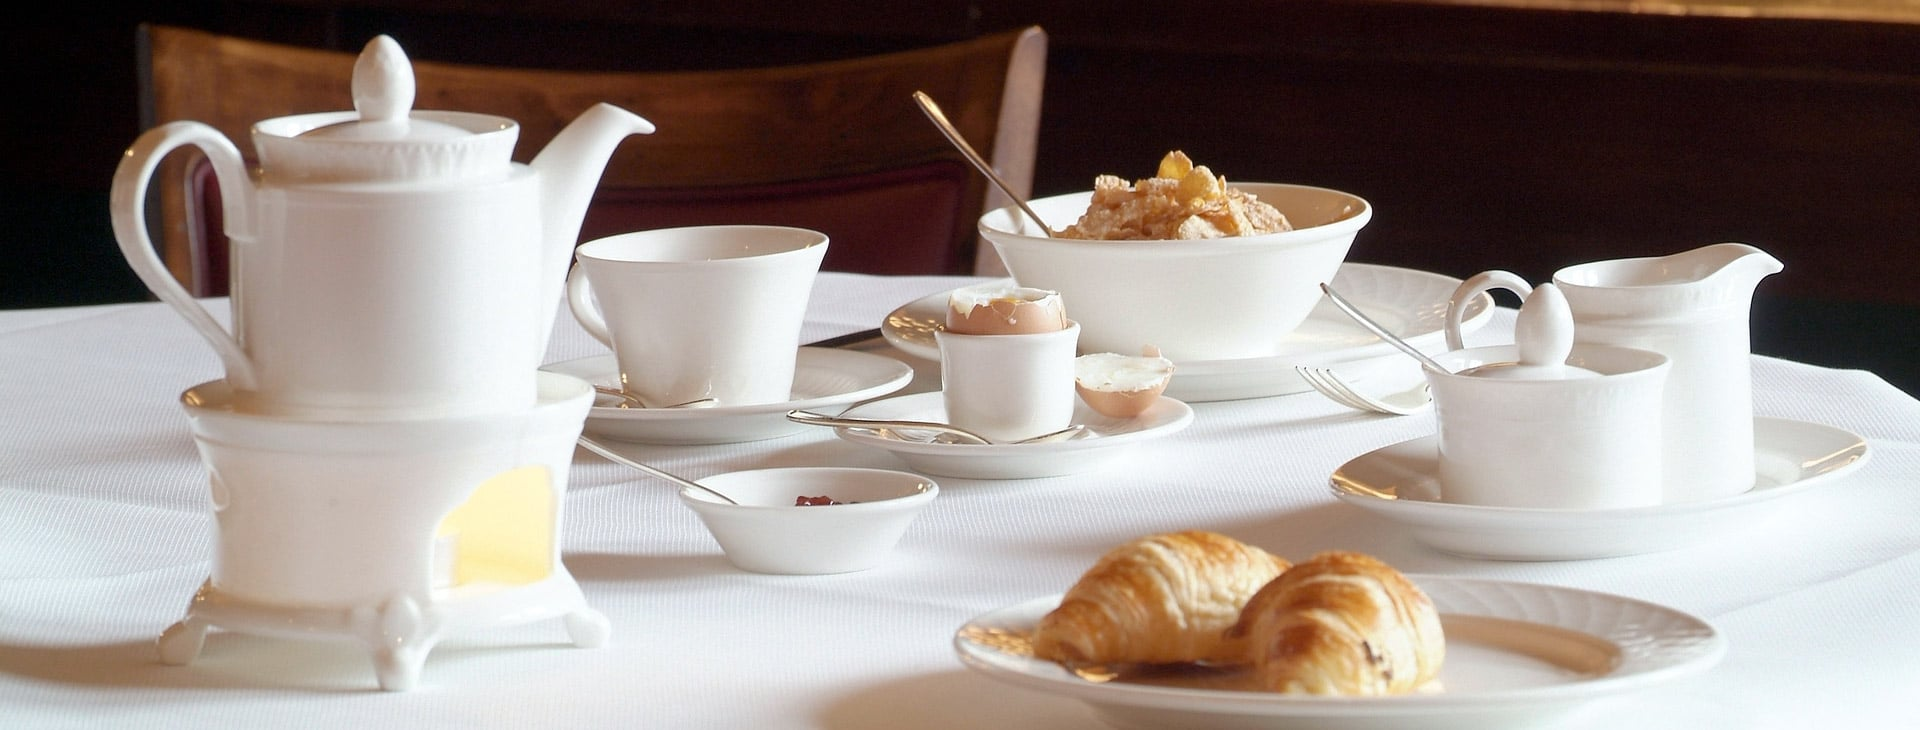 hotel_stiemerheide_ontbijt_DSCF6024